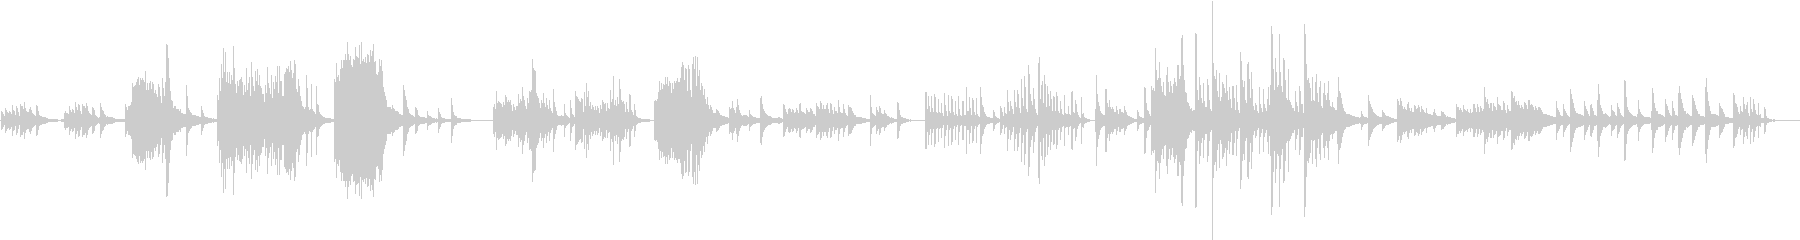 心の葛藤をドラマティックに演出するピアノの未再生の波形